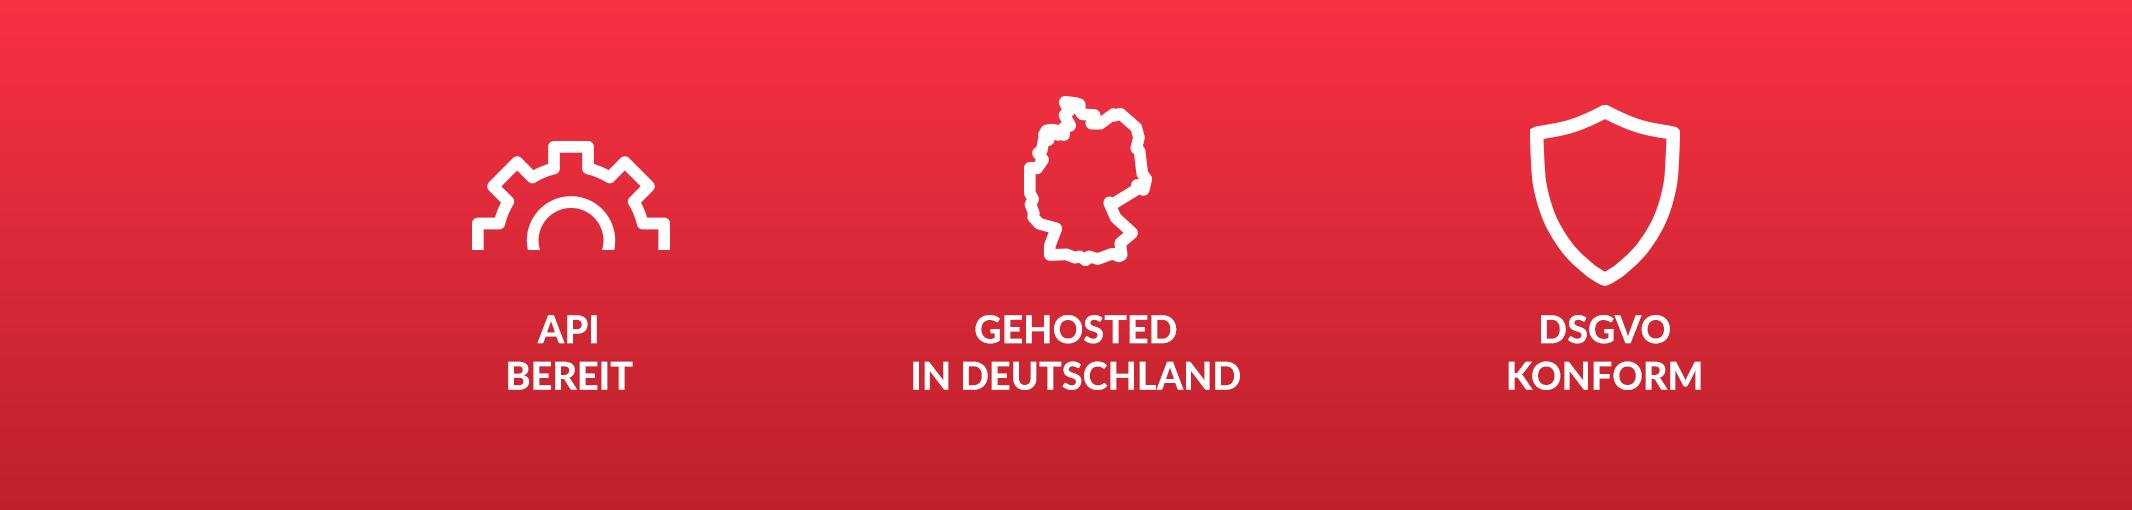 API bereit, Gehosted in Deutschland, DSGVO konform